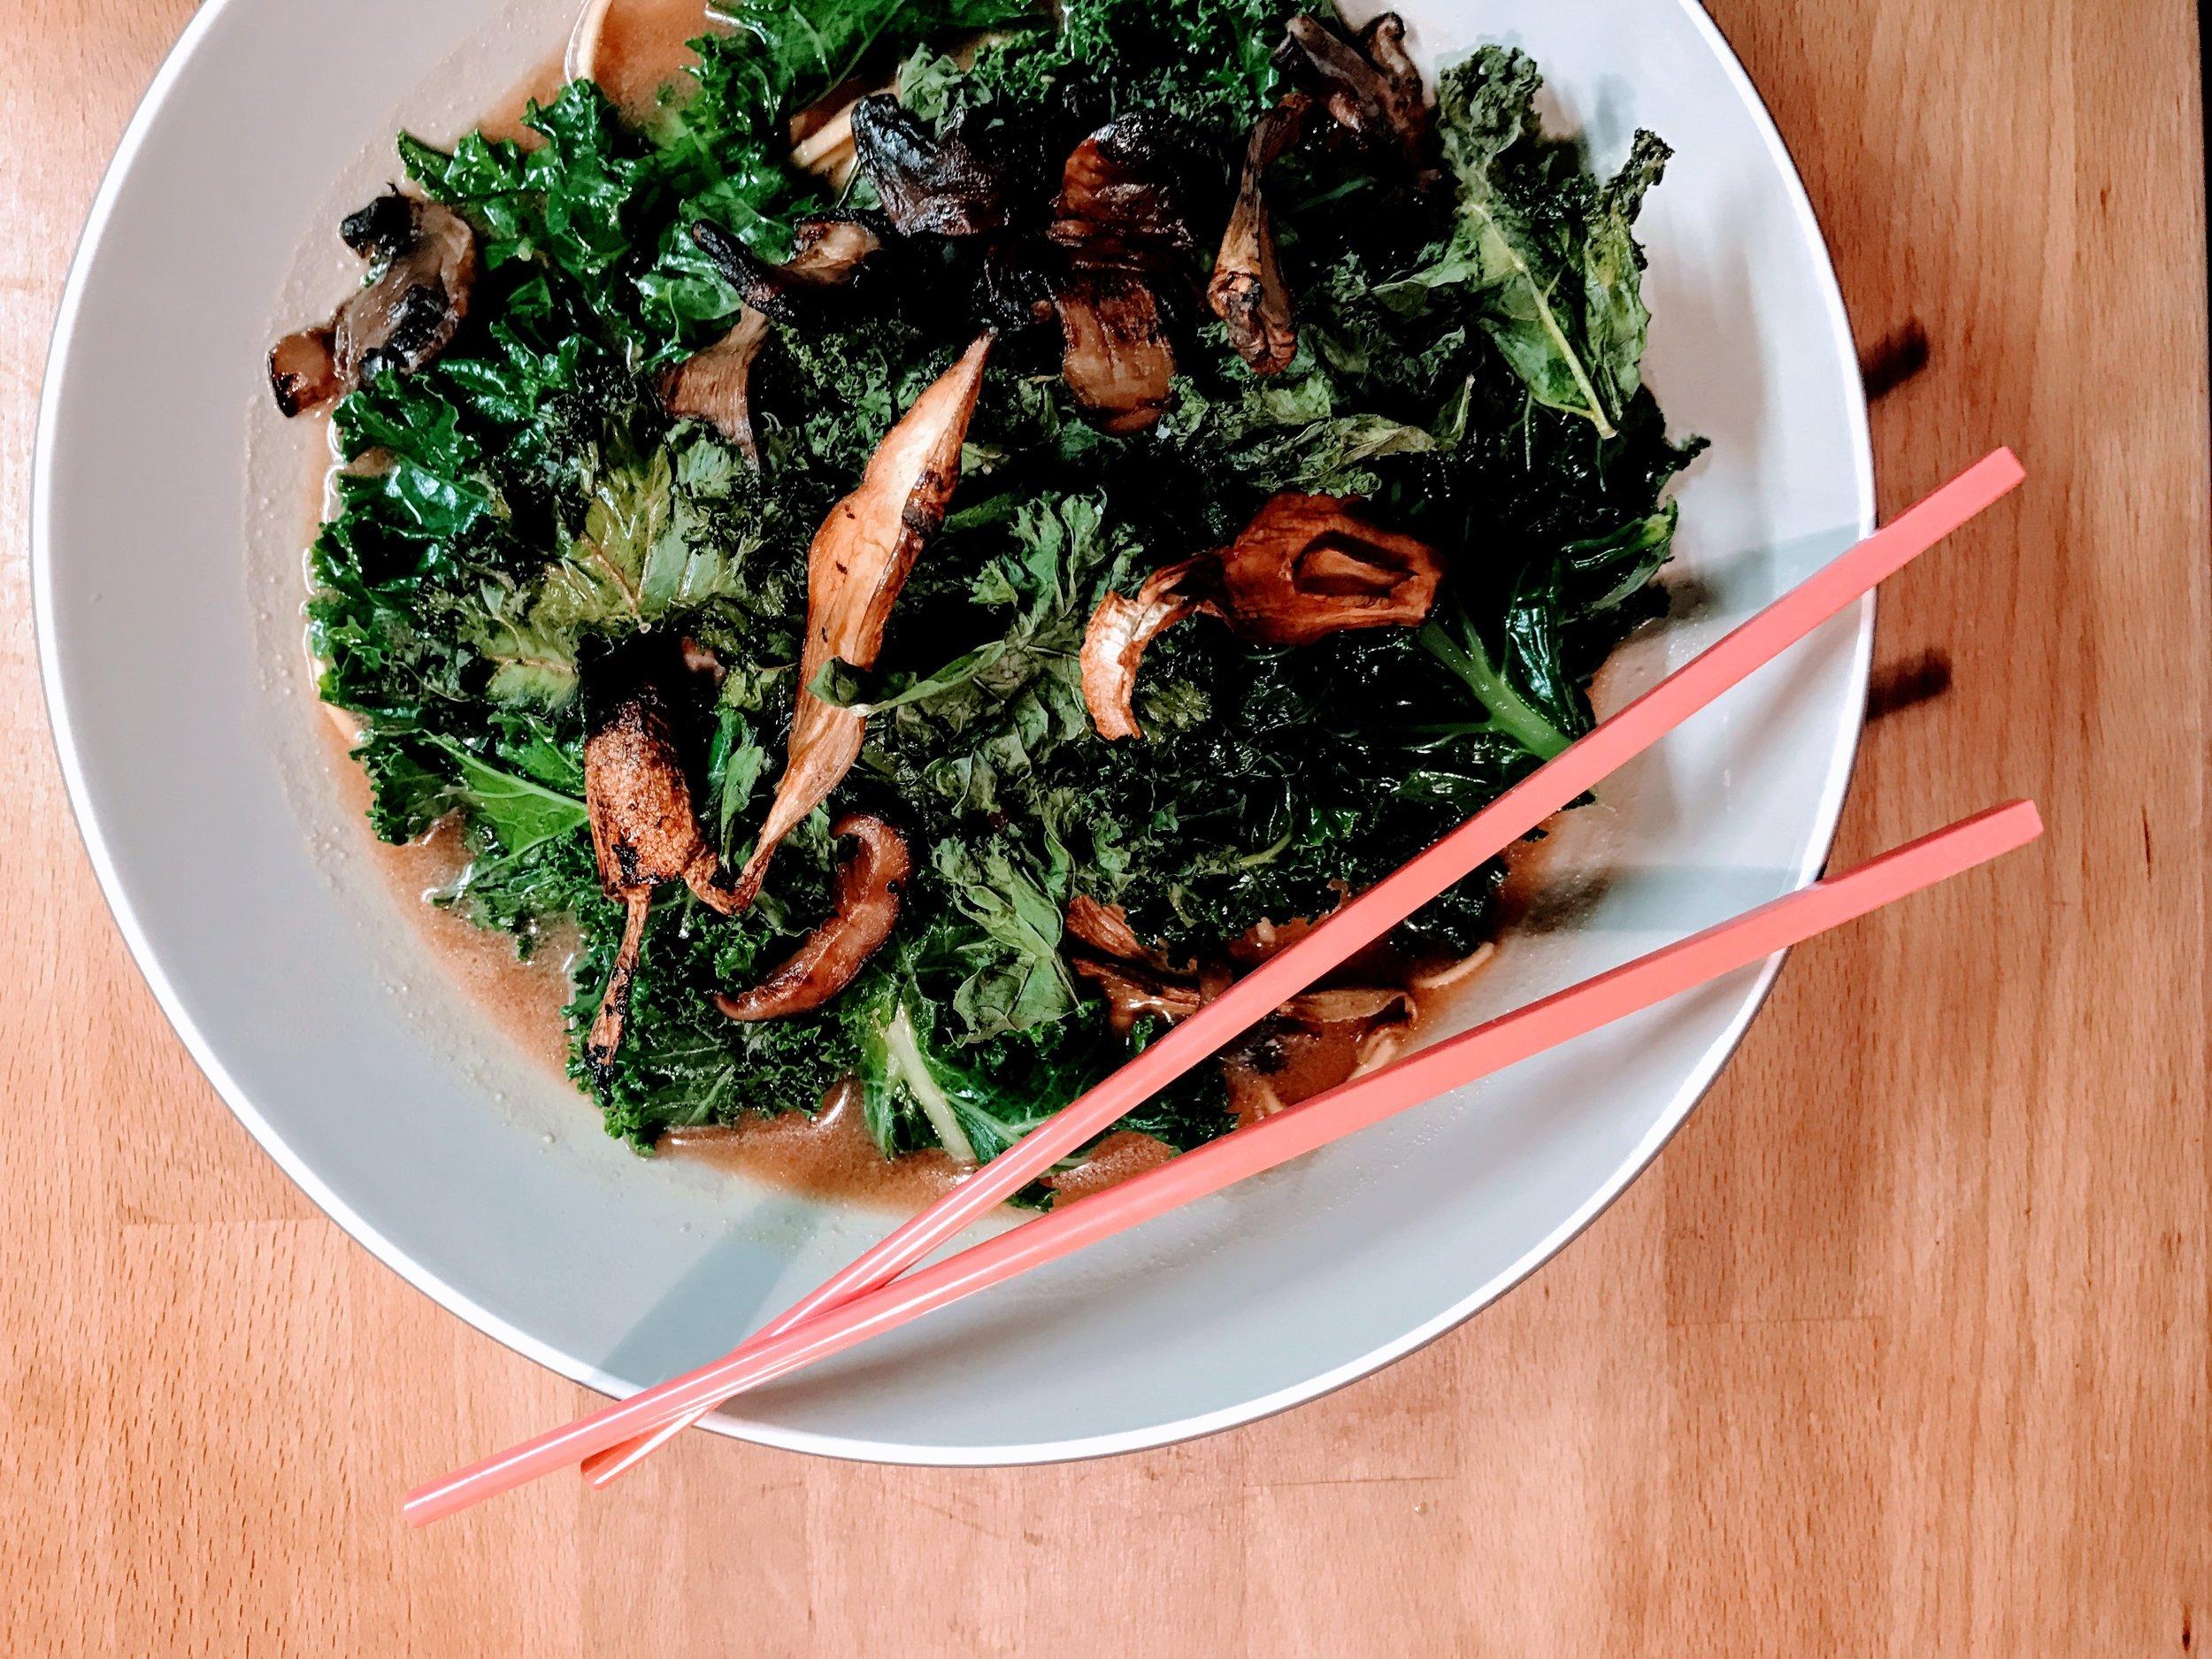 Recipe: Super noodle ramen with kale & mushrooms